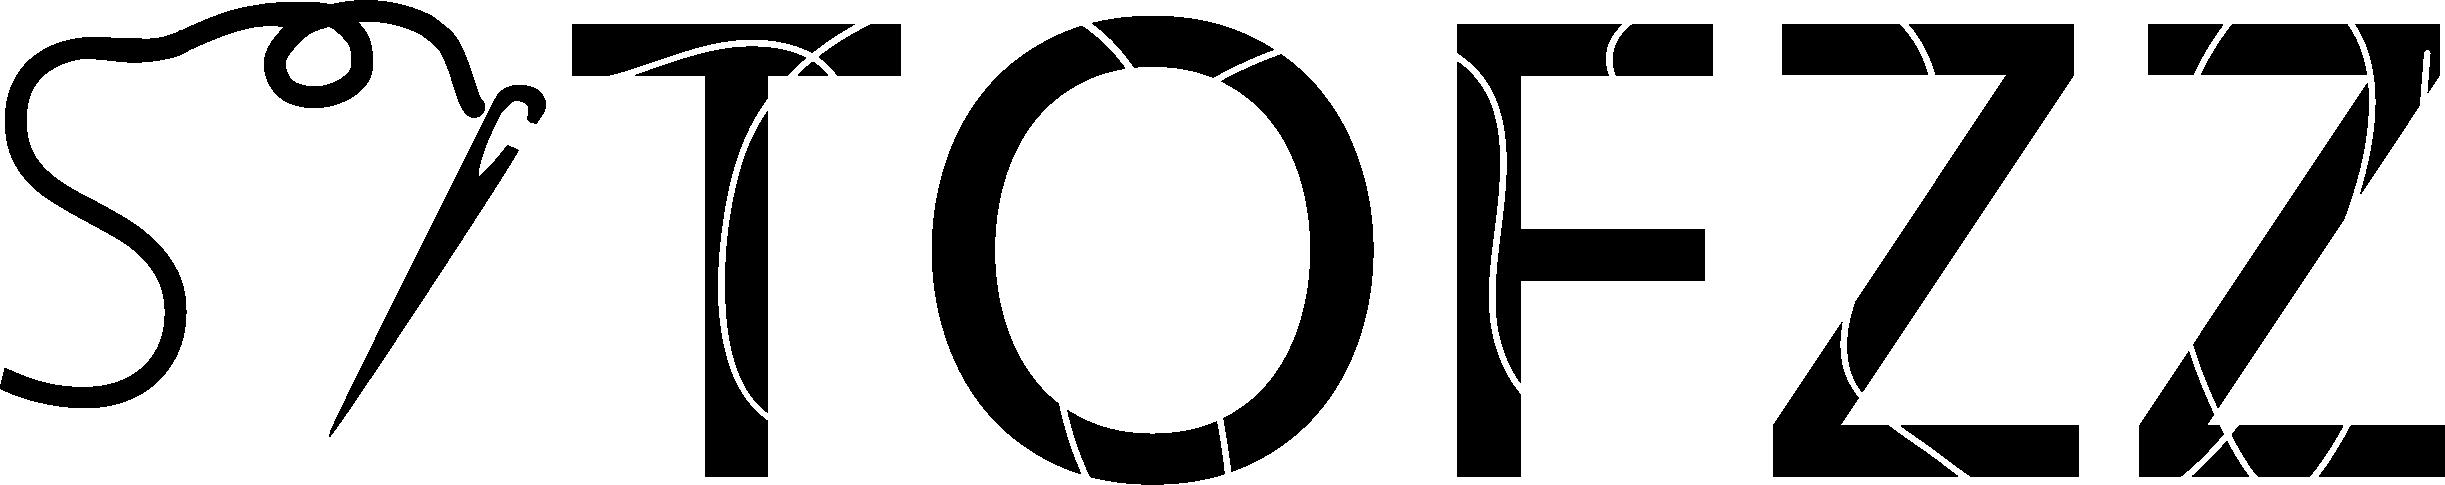 logo stofzz-2